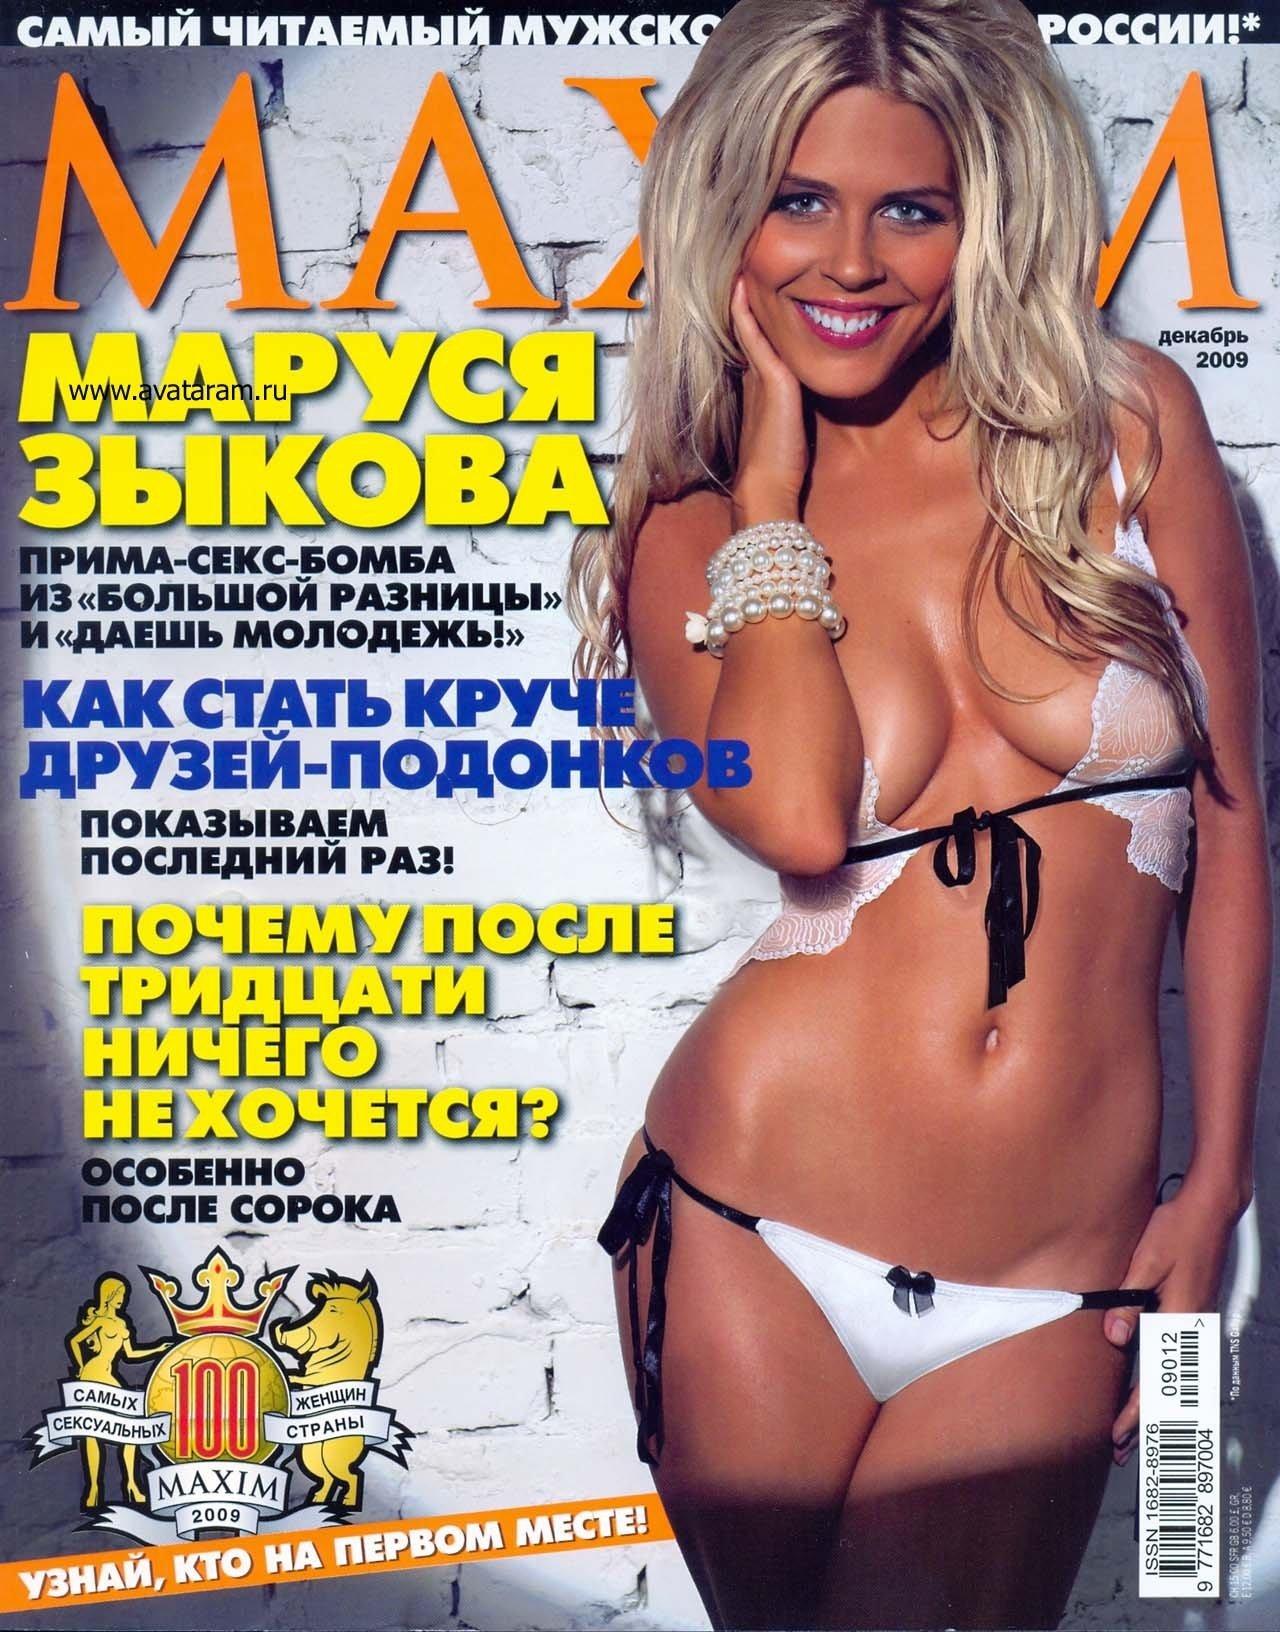 Смотреть порнографические журналы 13 фотография